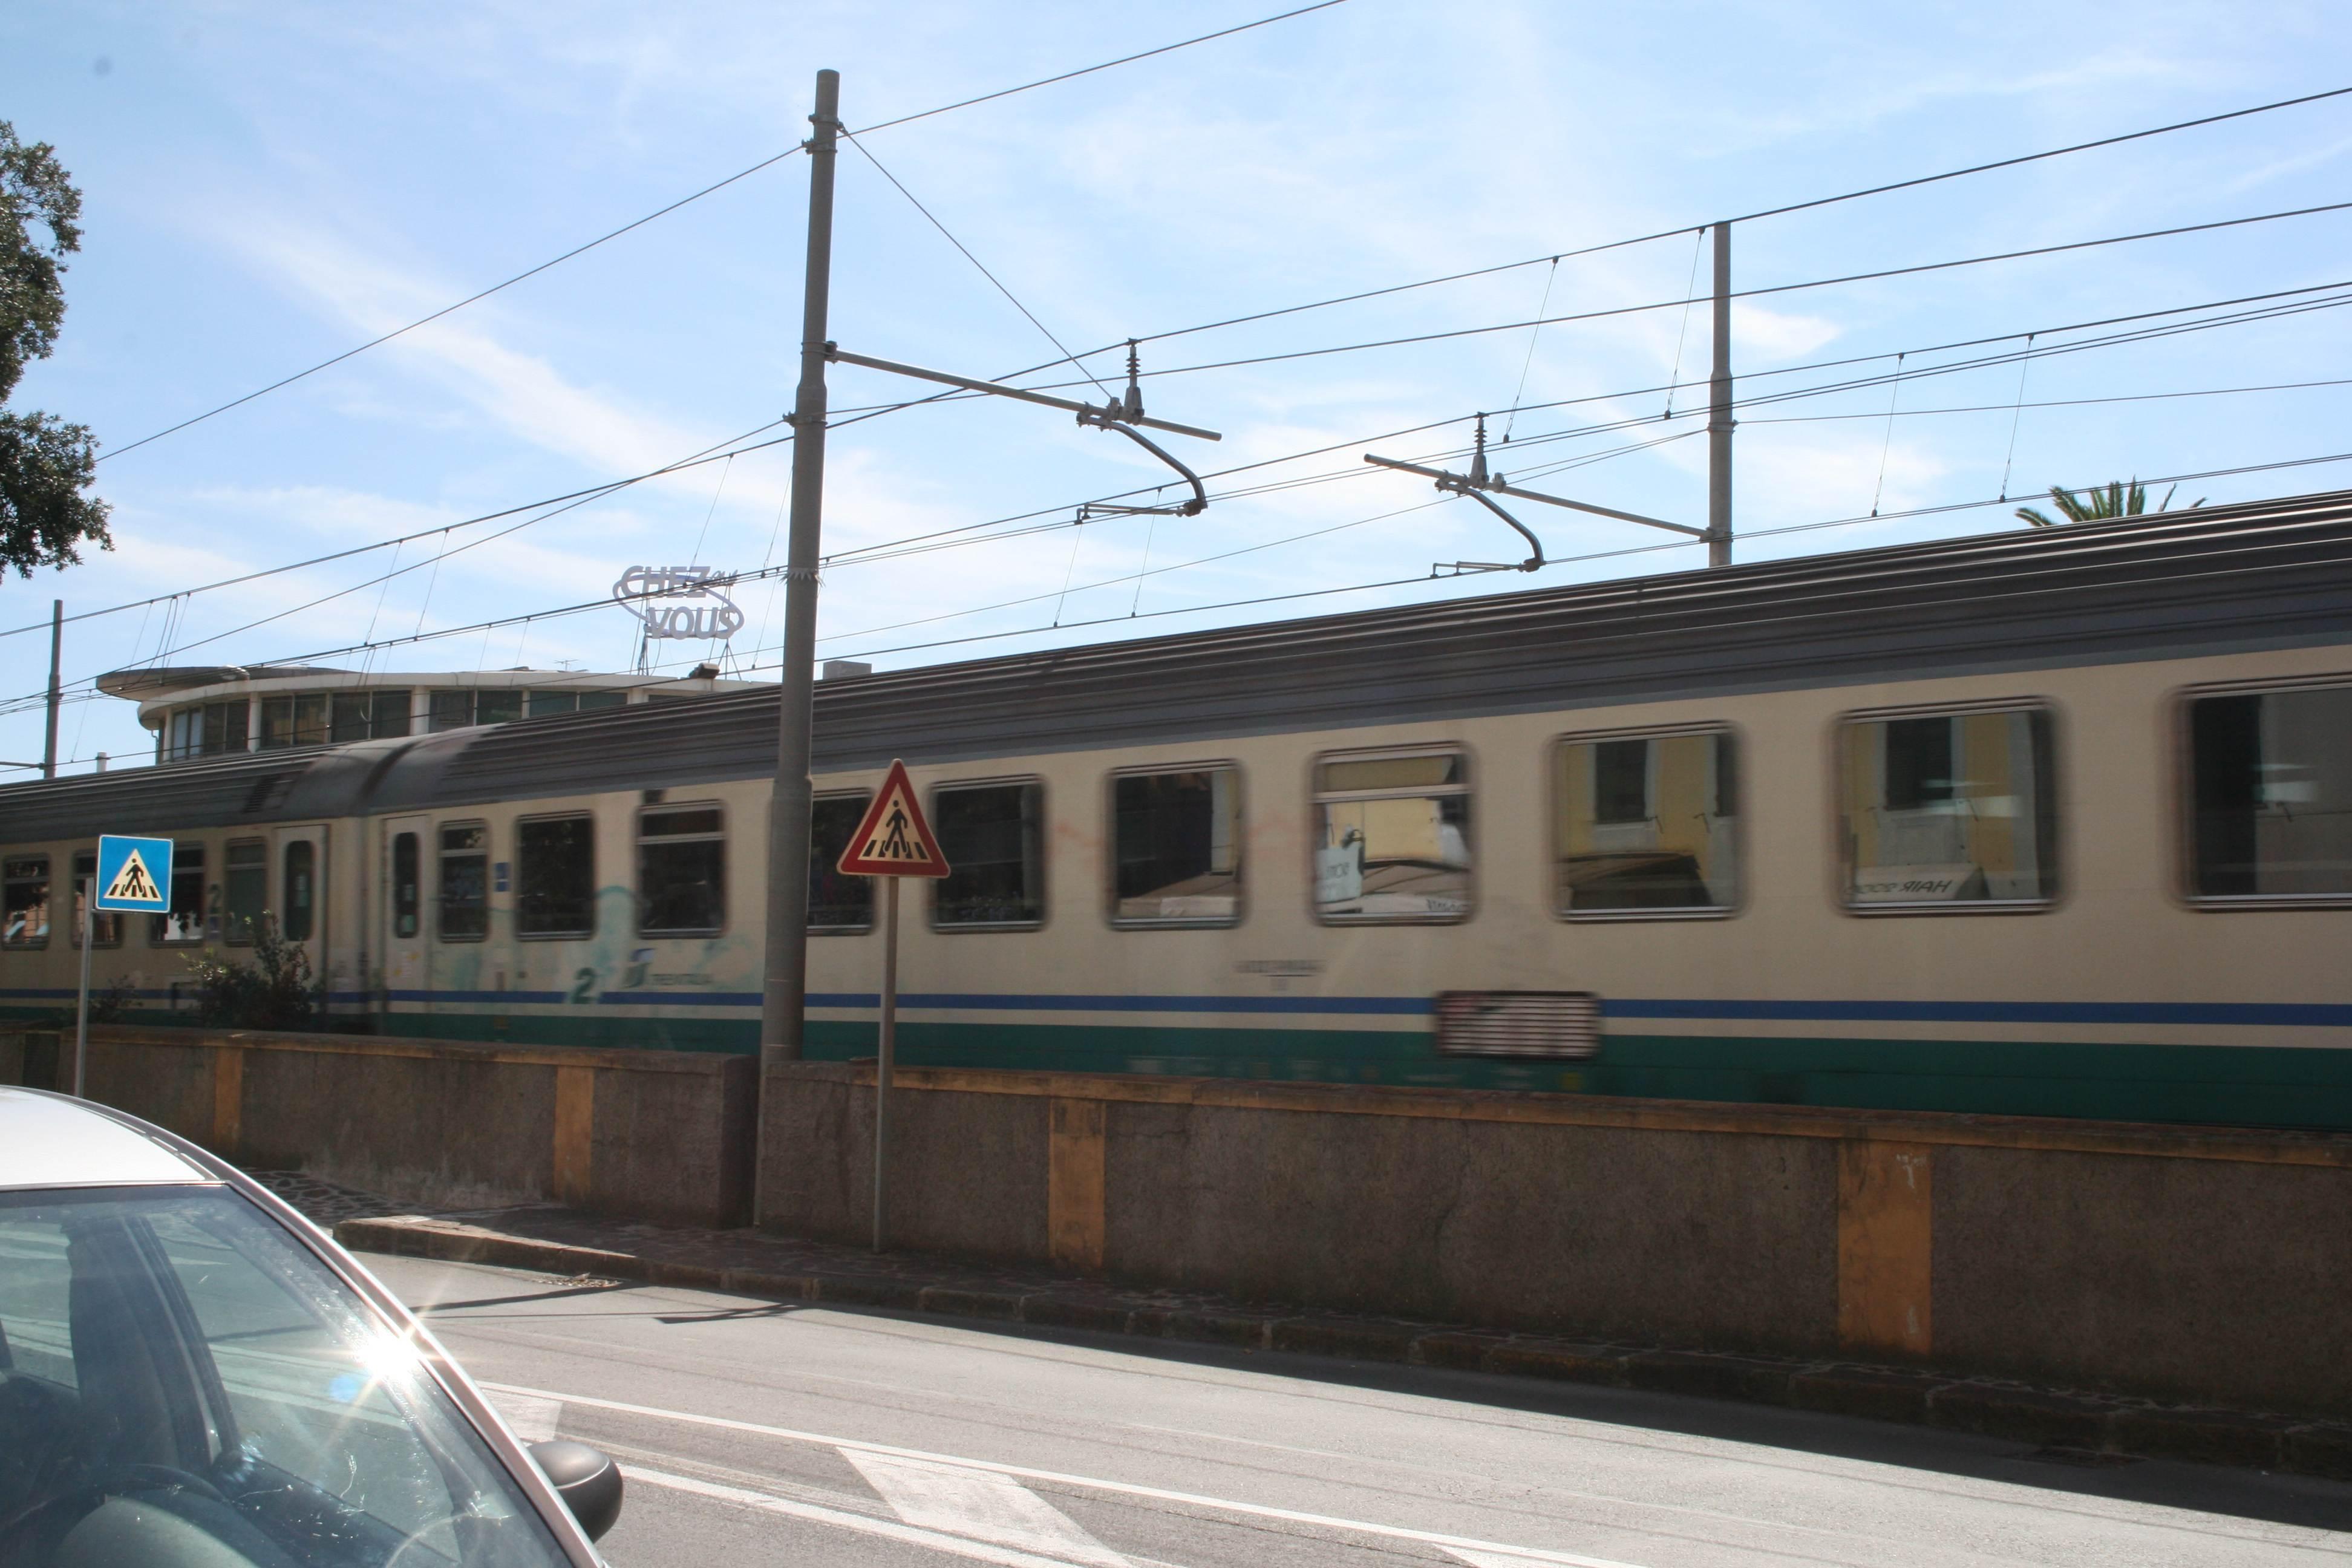 Rapina sul treno con lo spray al peperoncino, arrestato 25enne